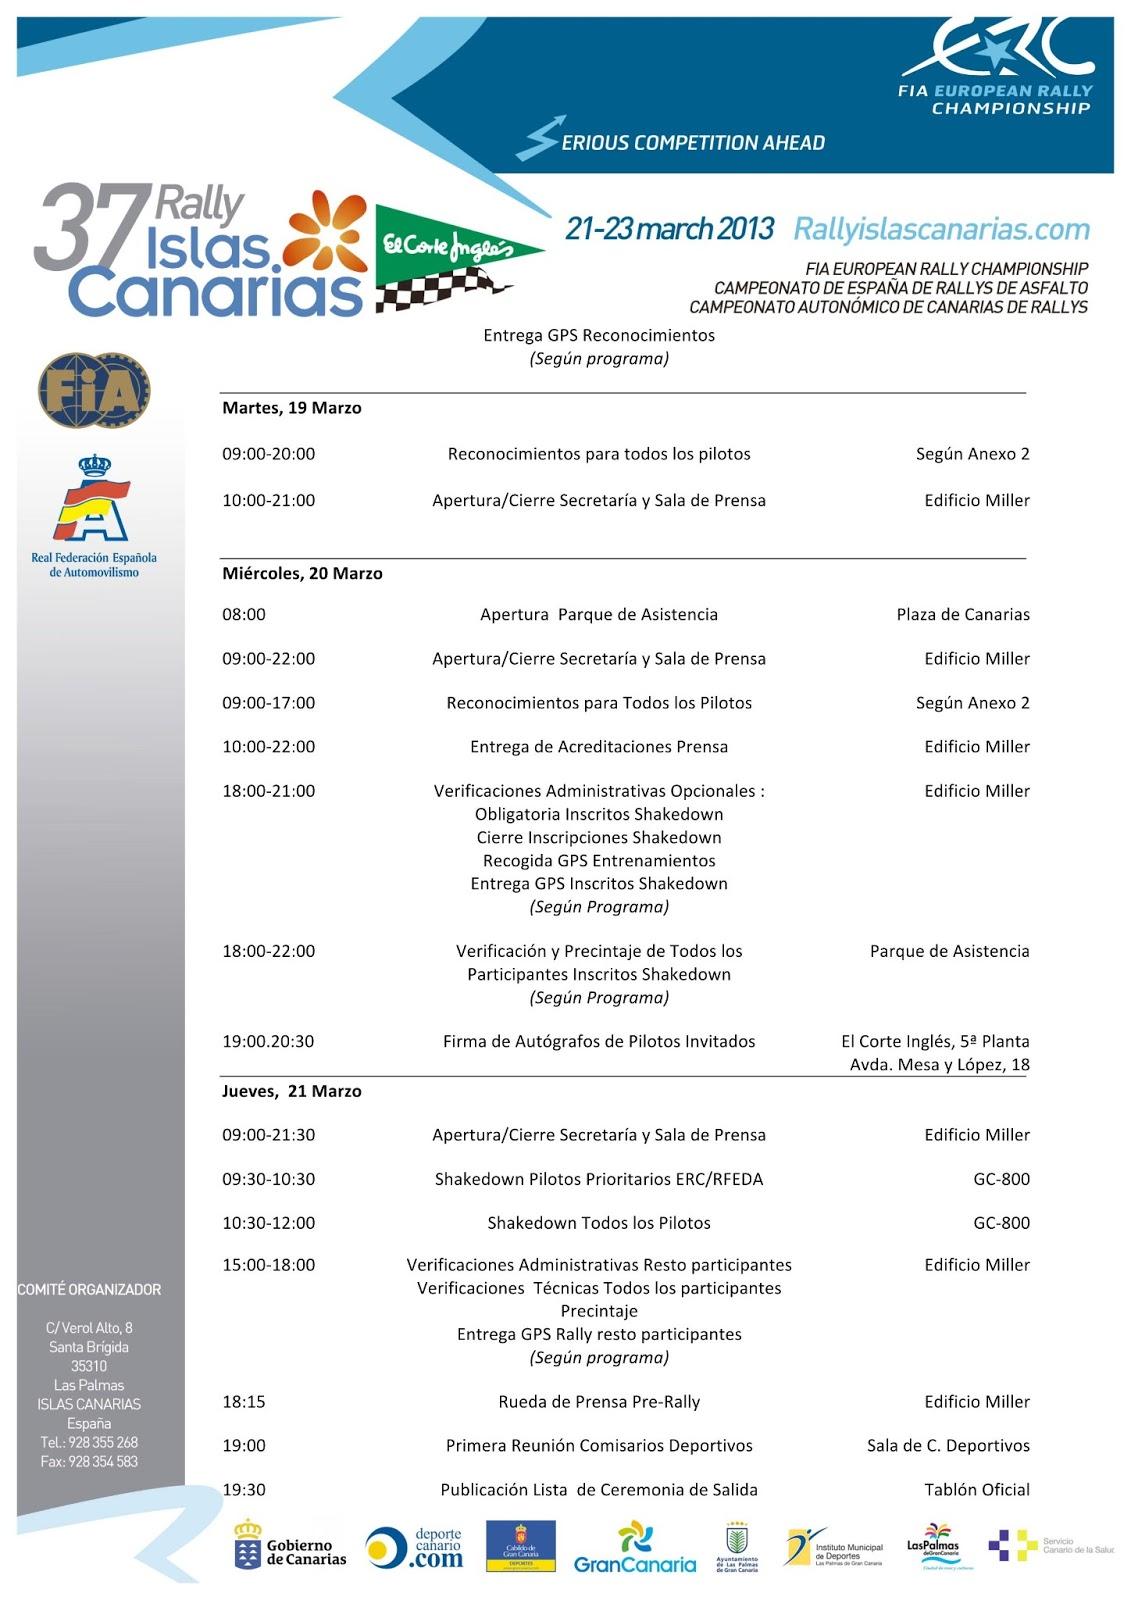 Itinerario horario tramos del rally islas canarias el for Jardin canario horario